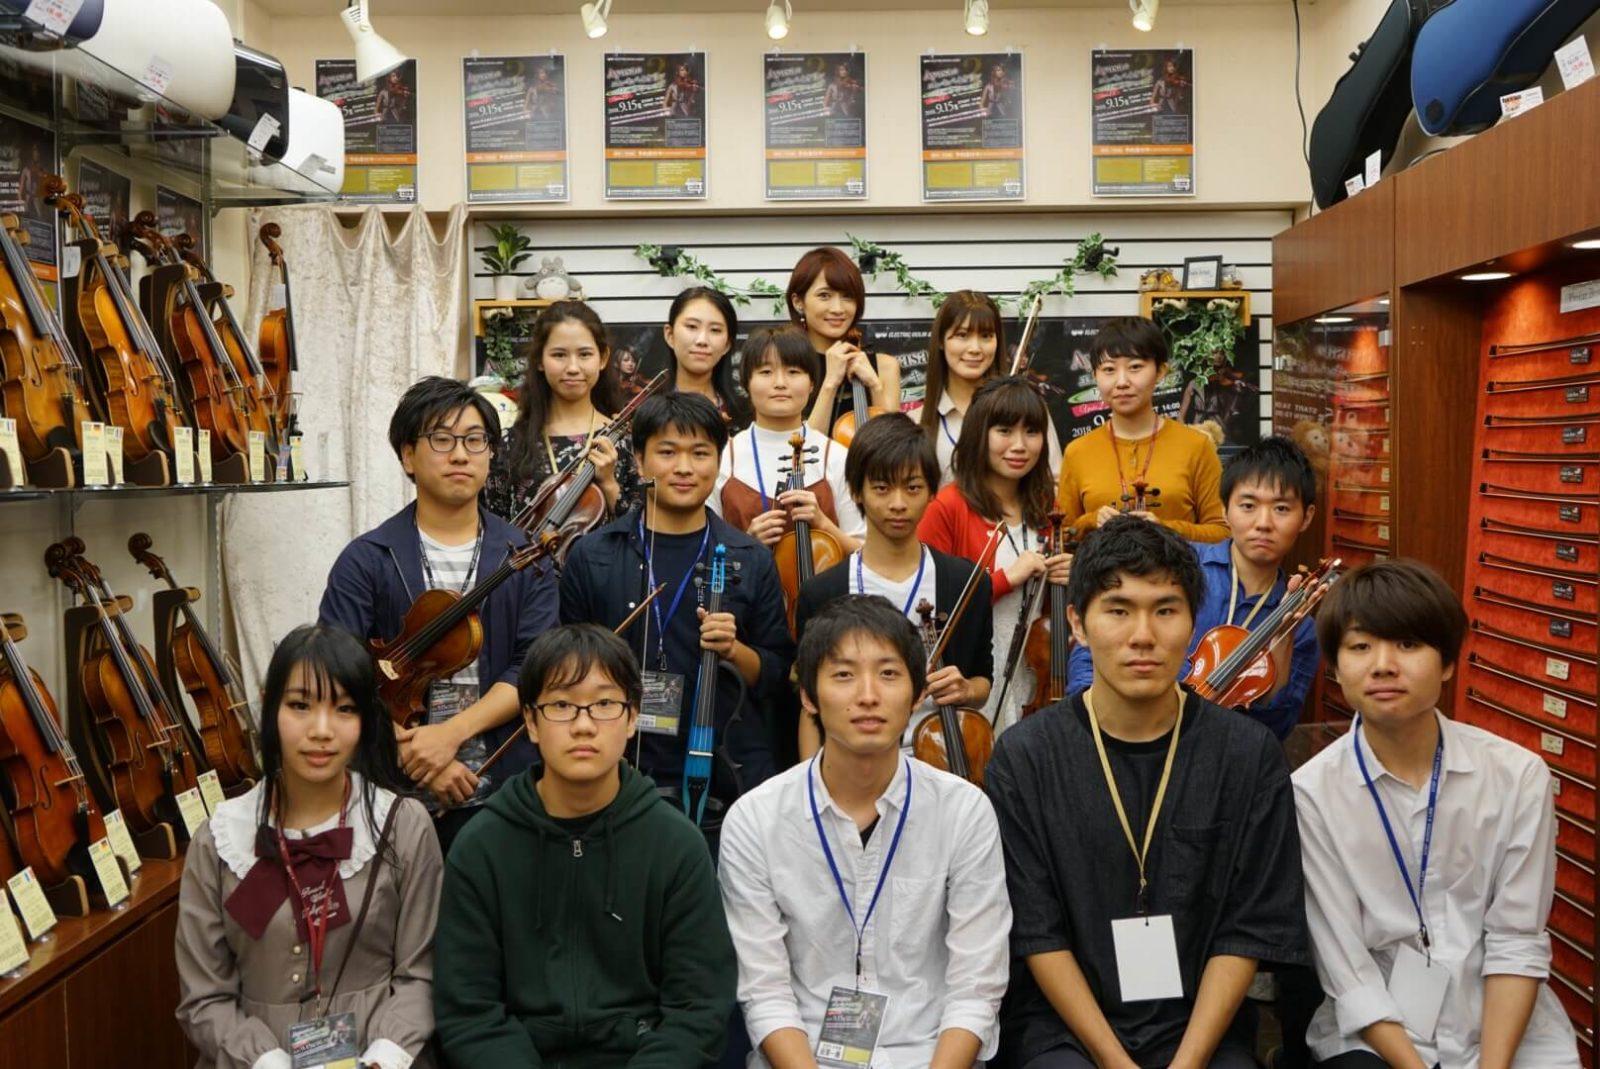 ヴァイオリニストAyasaが23歳以下のワークショップを主催サムネイル画像